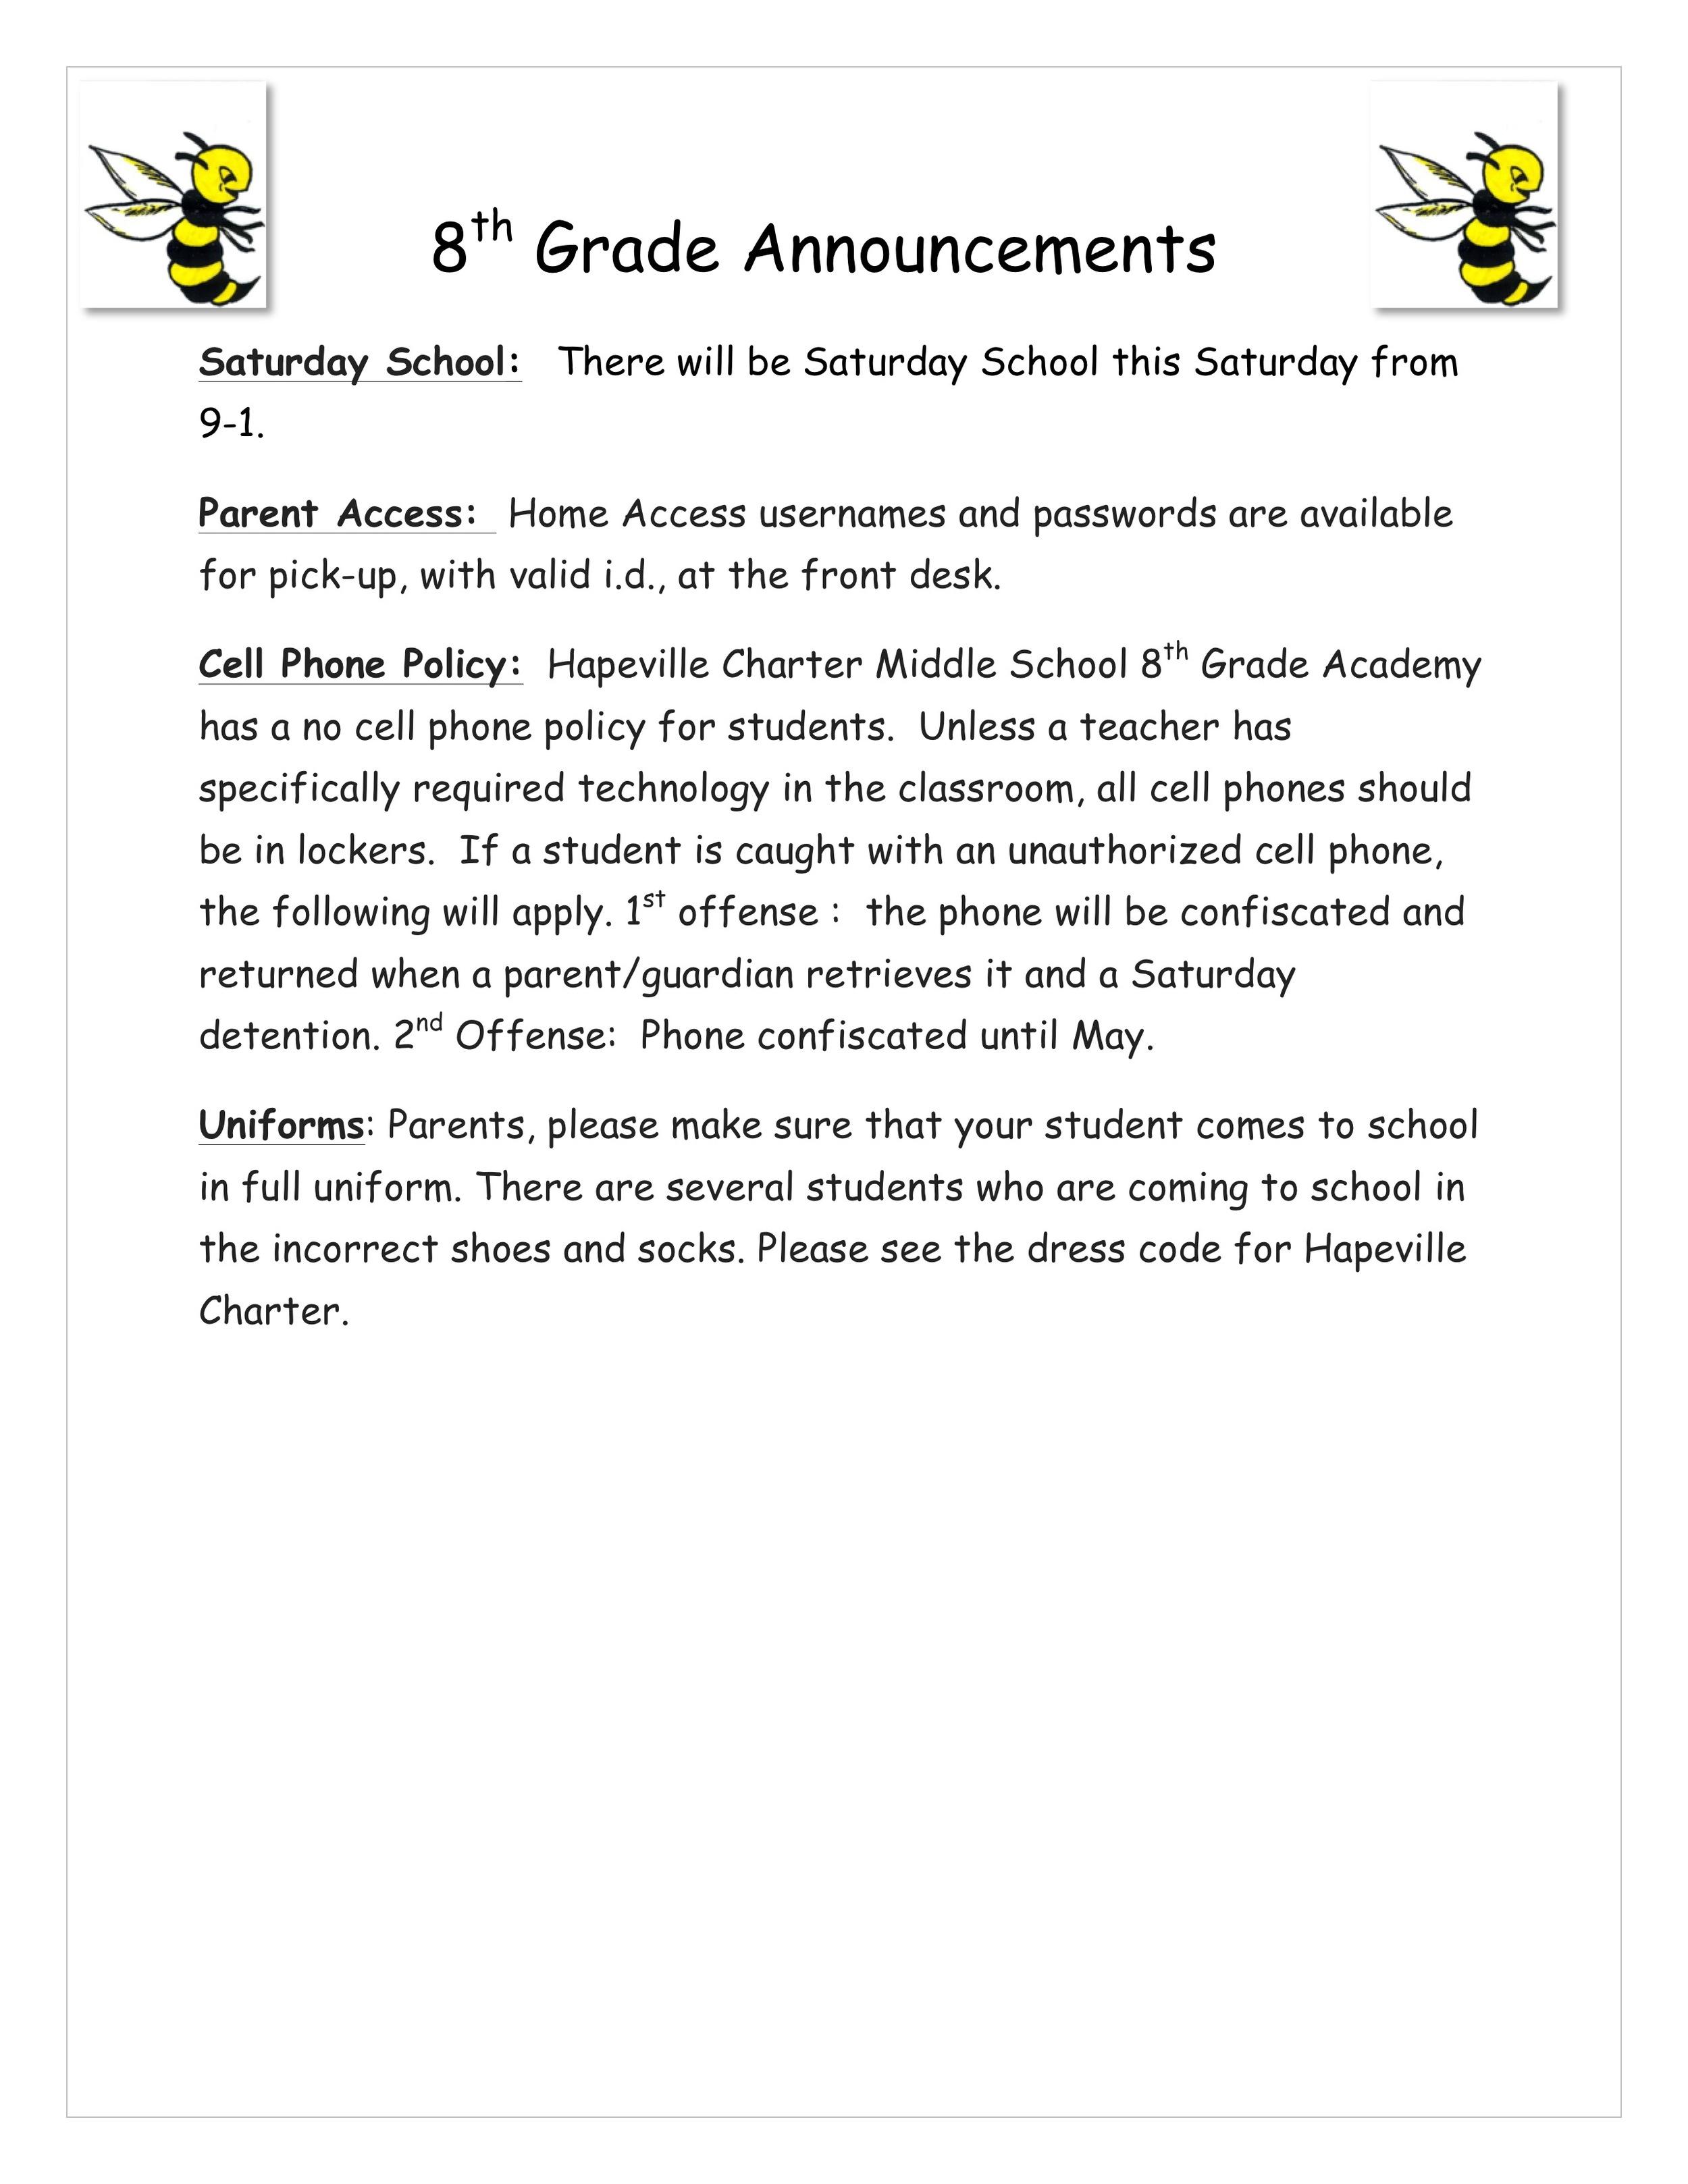 Newsletter Image8th grade April 11-2016 2.jpeg